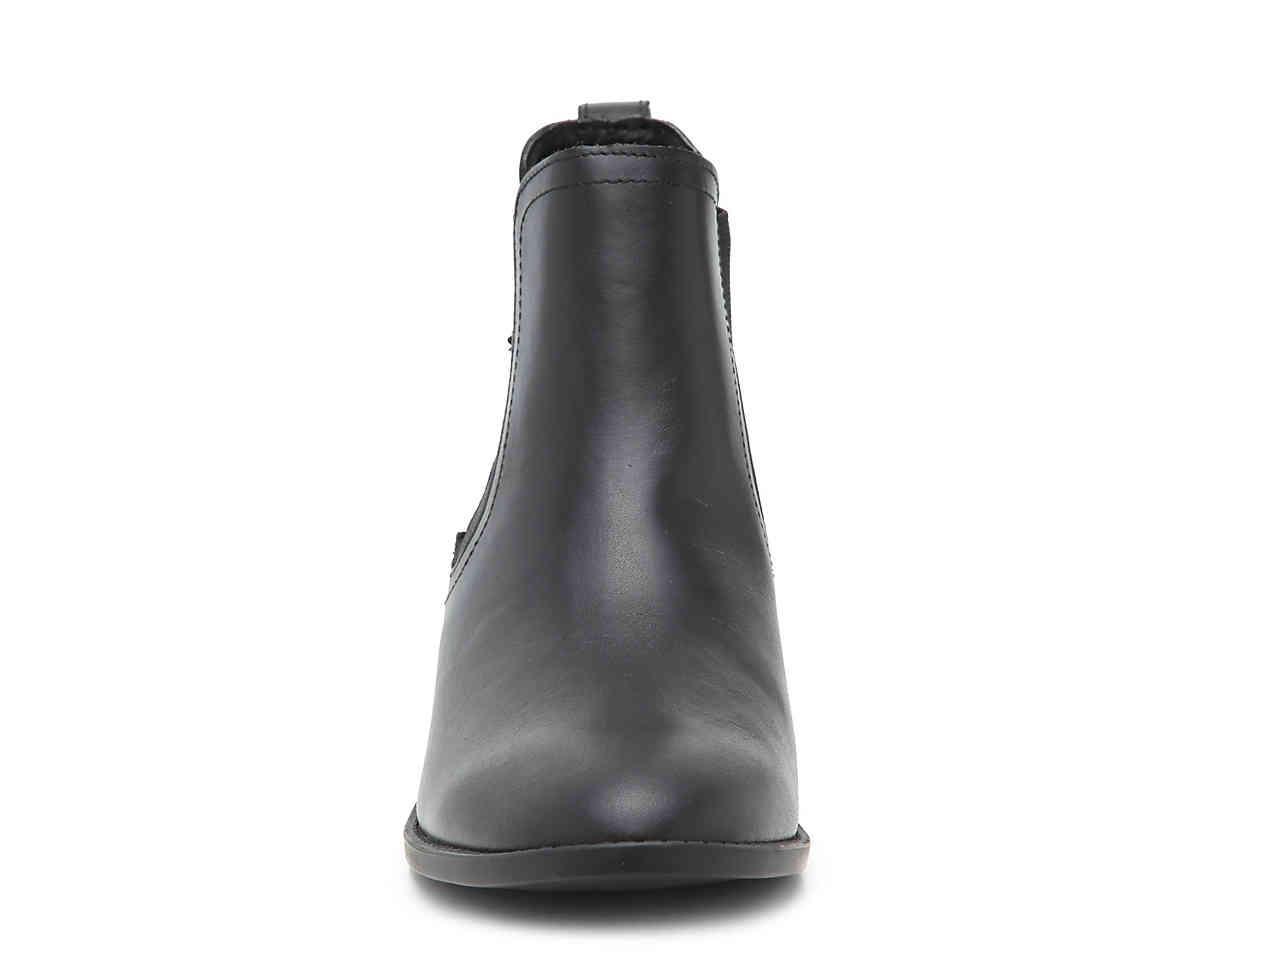 e340d034a070 Steve Madden - Black Drape Chelsea Boot - Lyst. View fullscreen